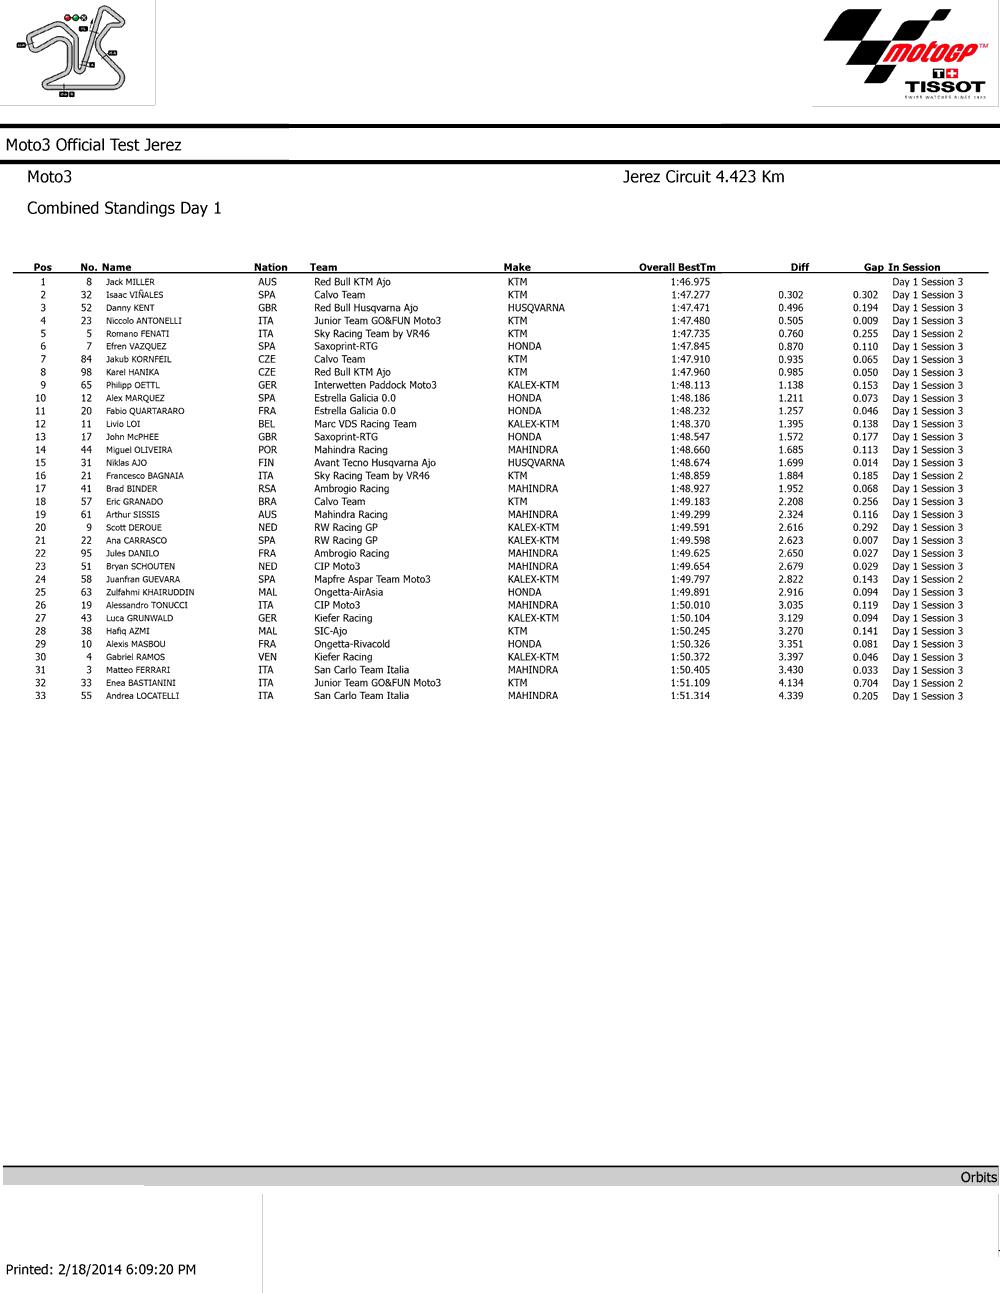 Результаты первого дня официальных тестов Moto3 2014 в Хересе